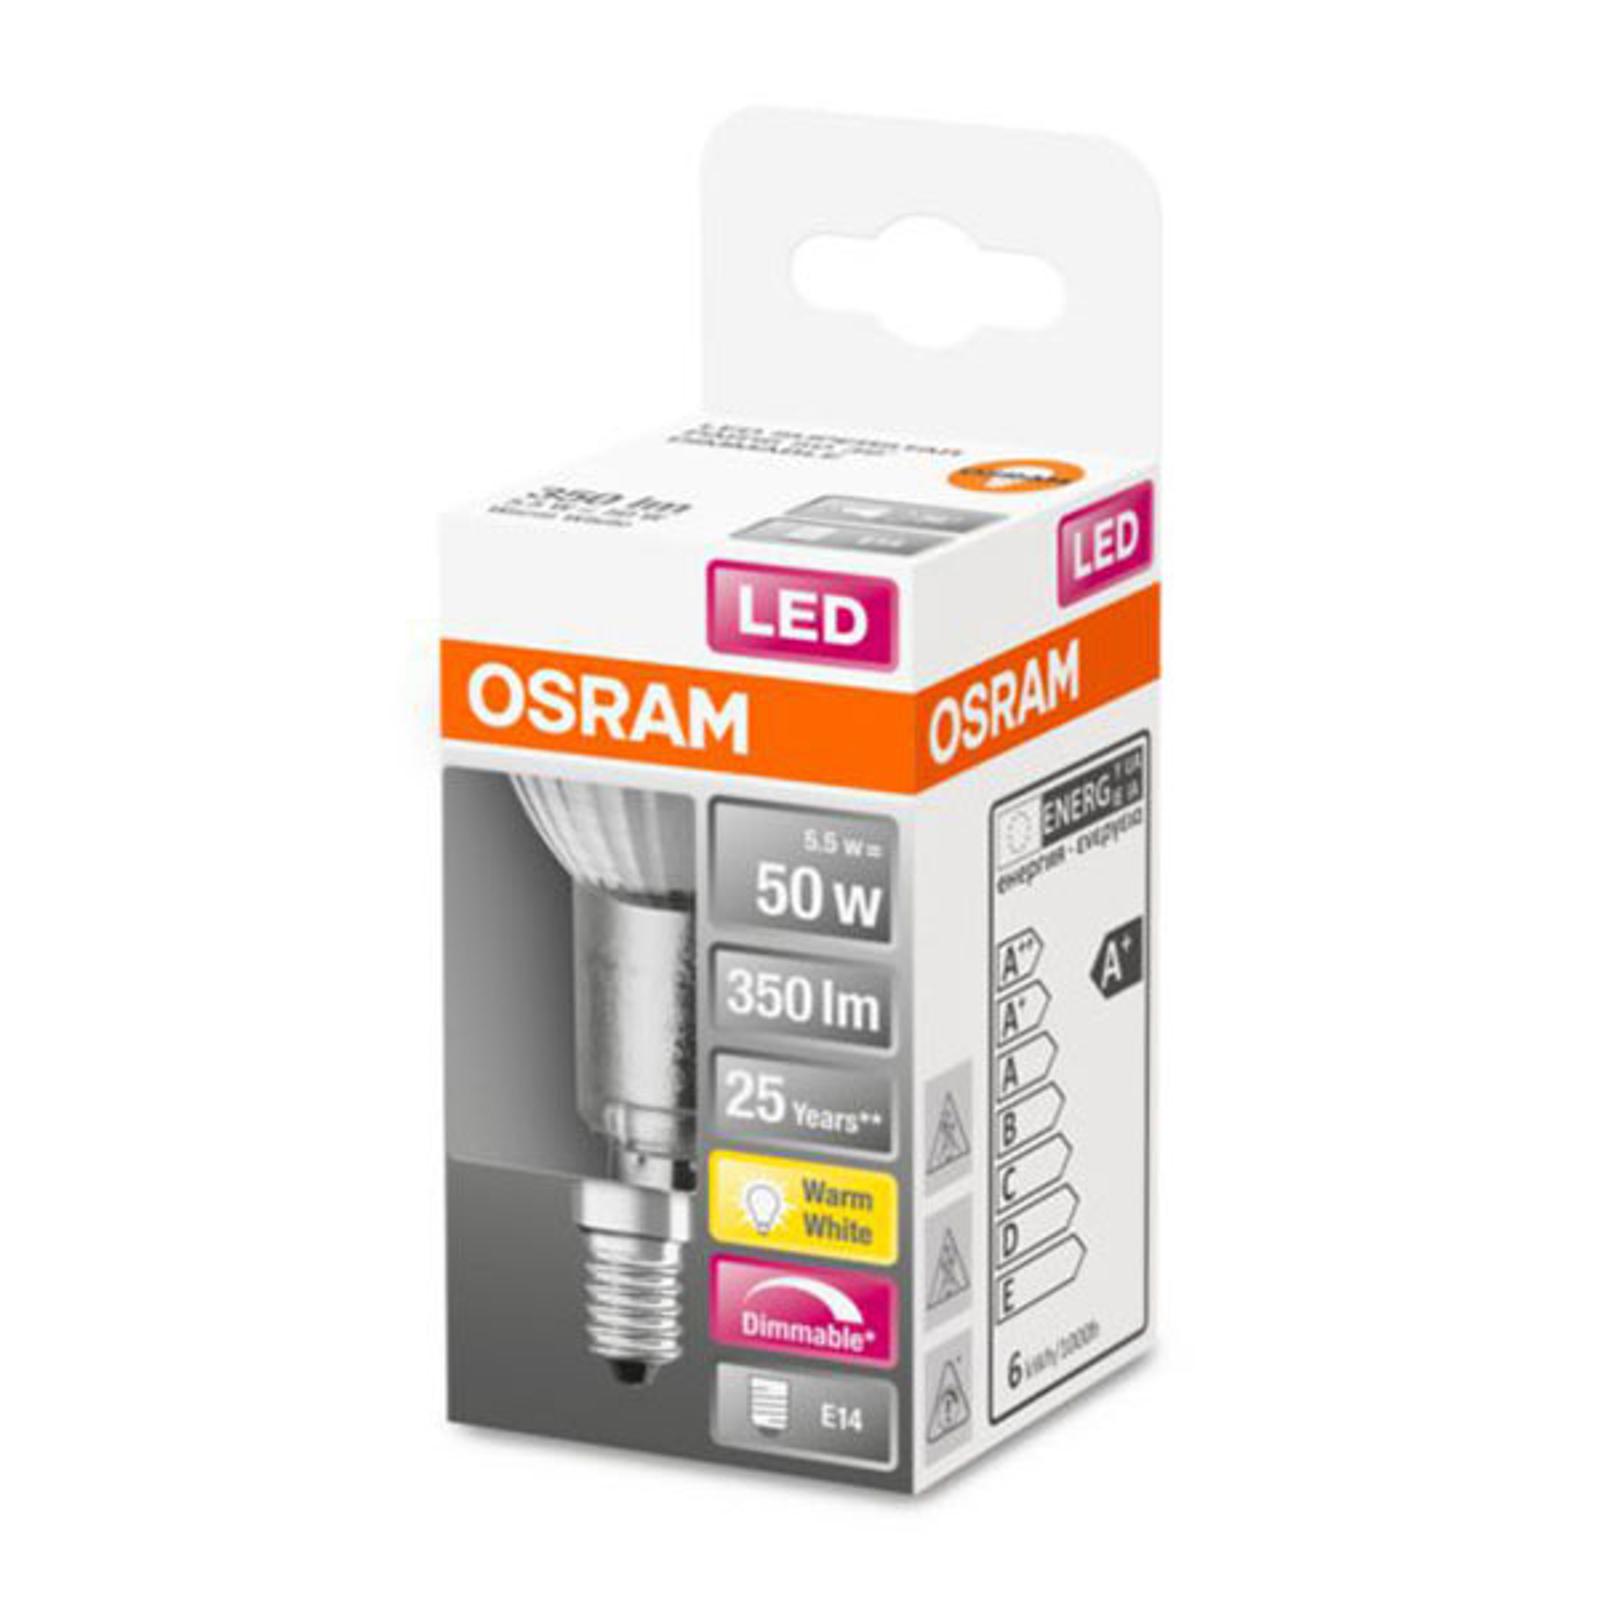 OSRAM lampadina LED E14 5,5W PAR16 2.700K dimming